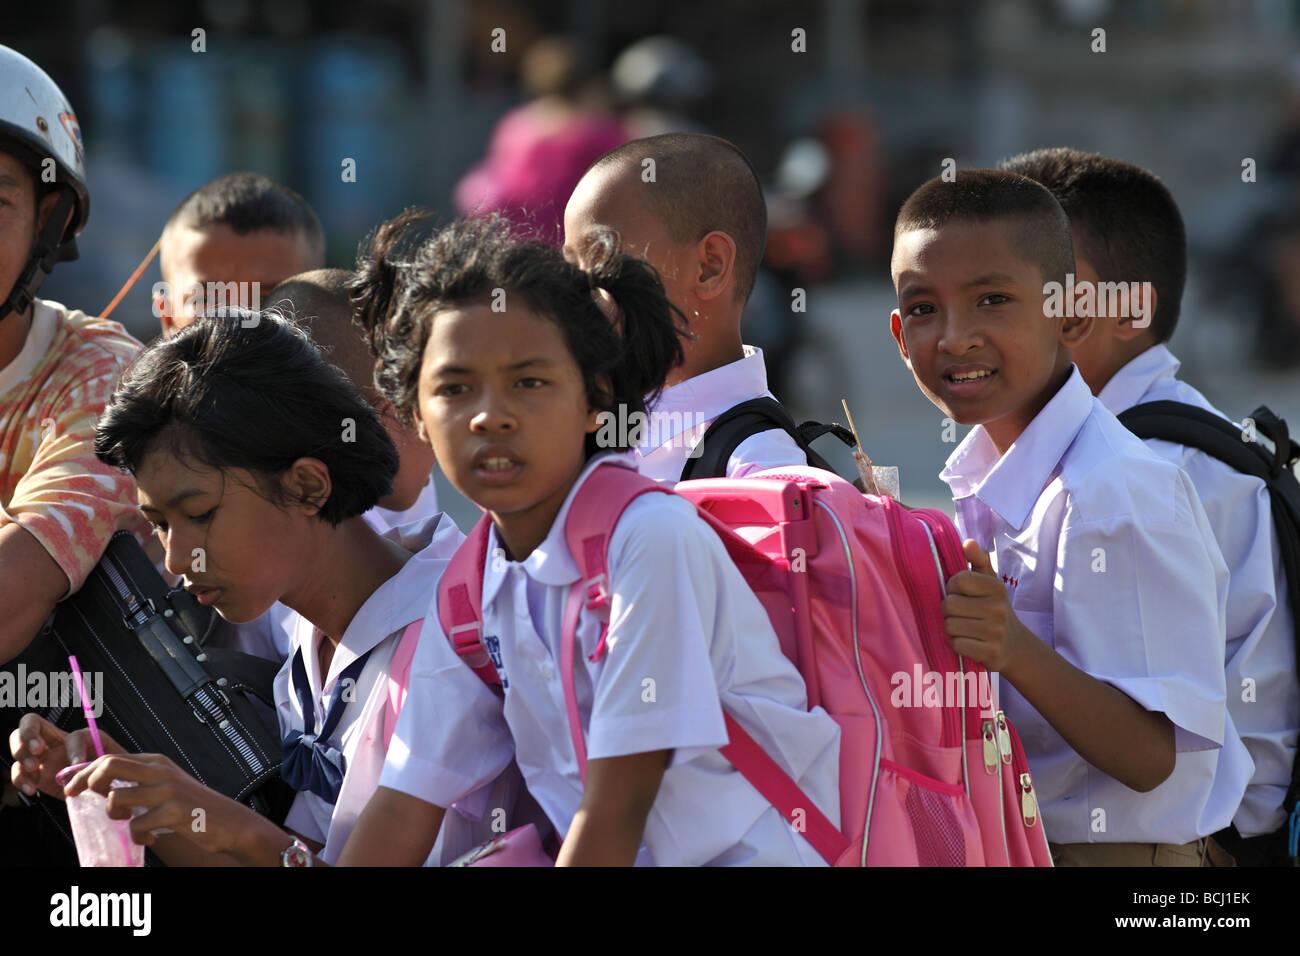 School run Thai style - Stock Image